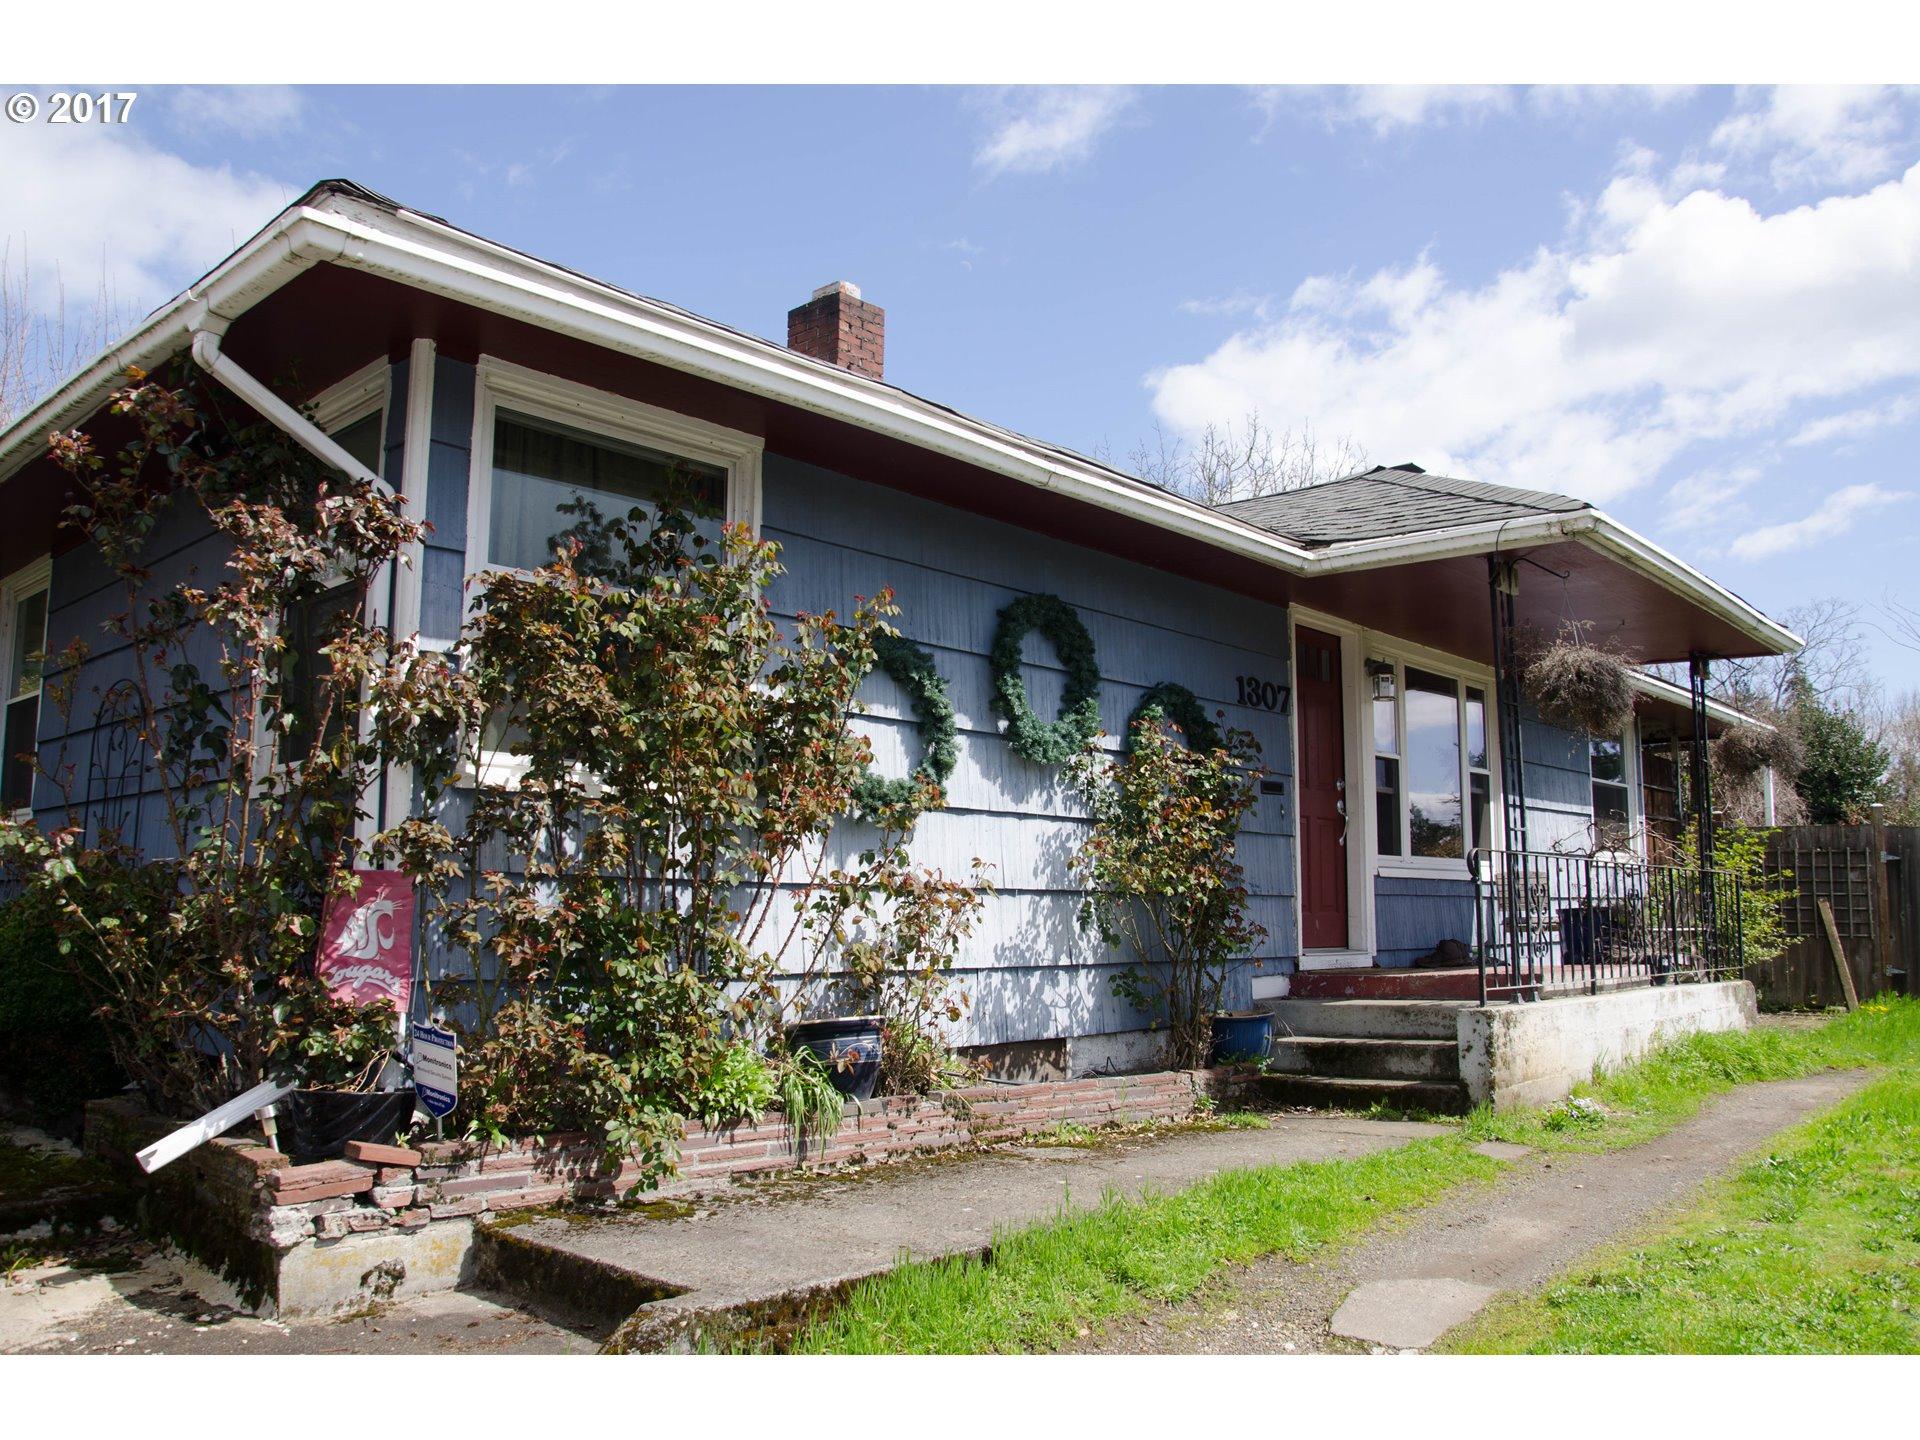 1307 GRAND BLVD, Vancouver, WA 98661